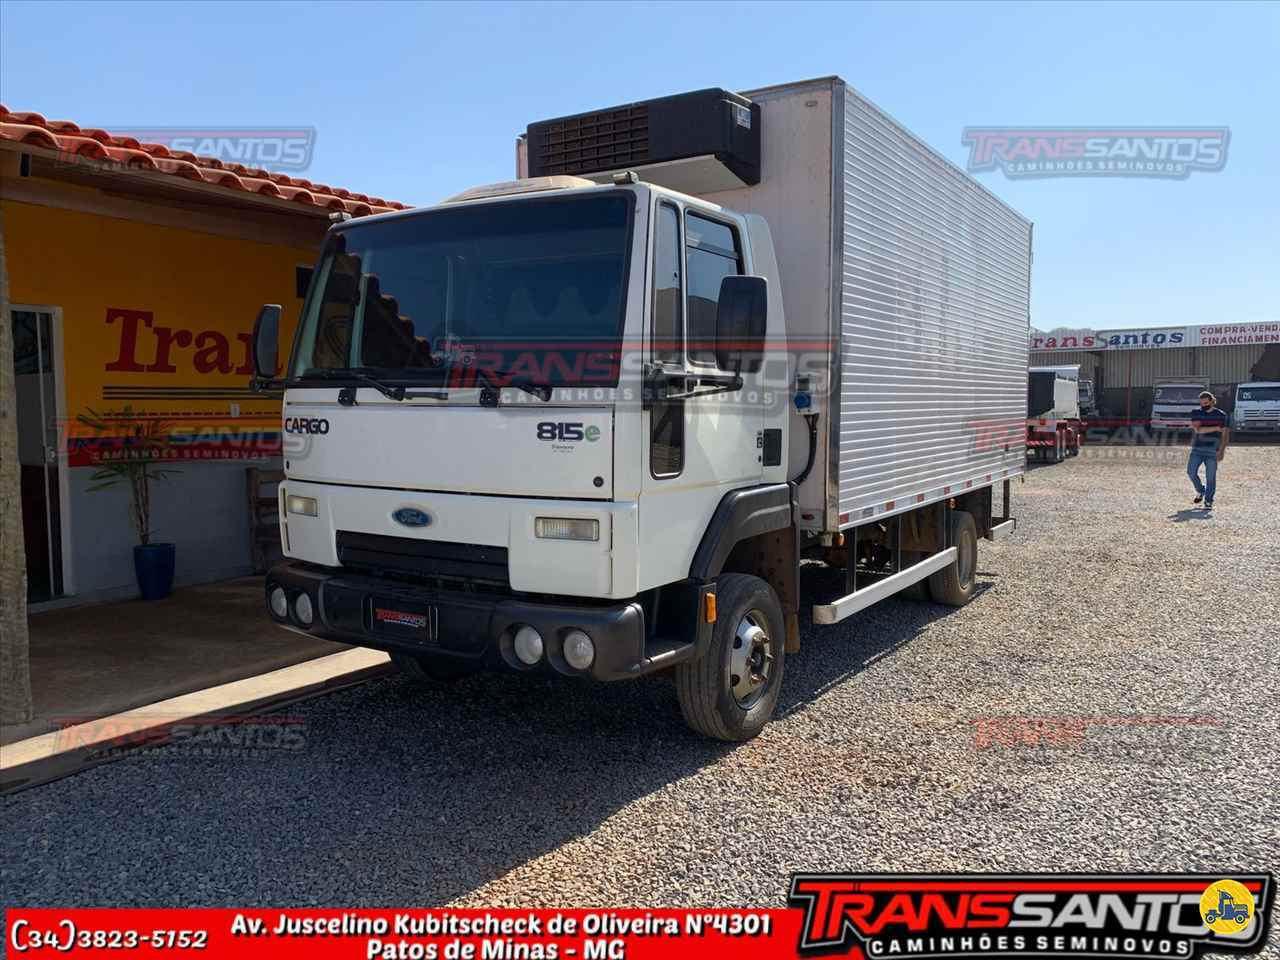 CAMINHAO FORD CARGO 815 Chassis 3/4 4x2 TransSantos Seminovos PATOS DE MINAS MINAS GERAIS MG